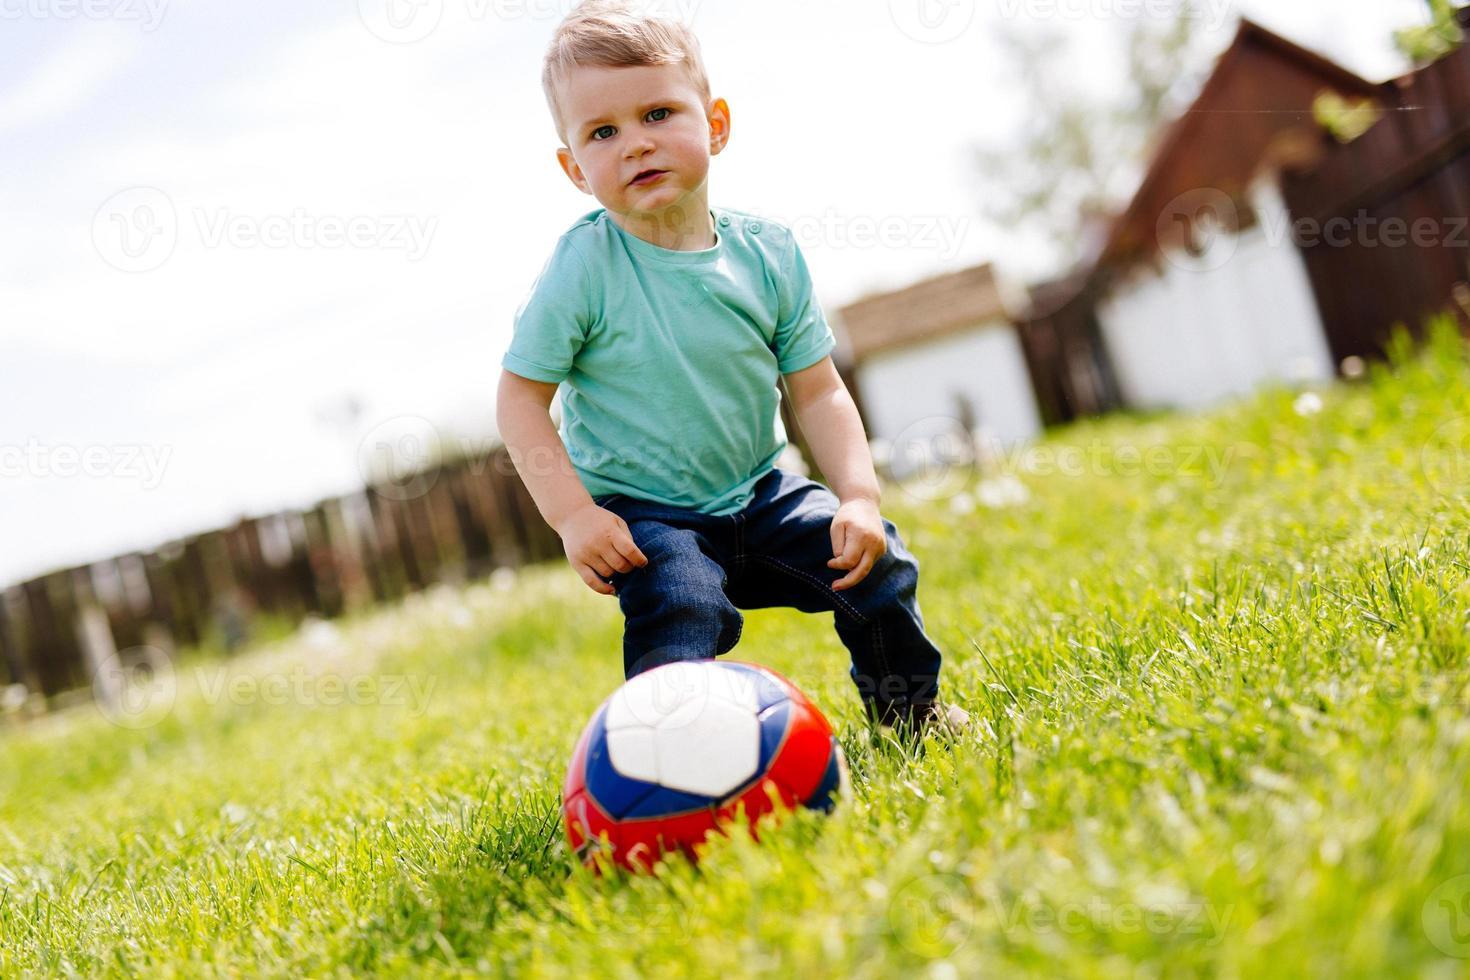 Adorable niño pequeño jugando con una pelota de fútbol al aire libre foto